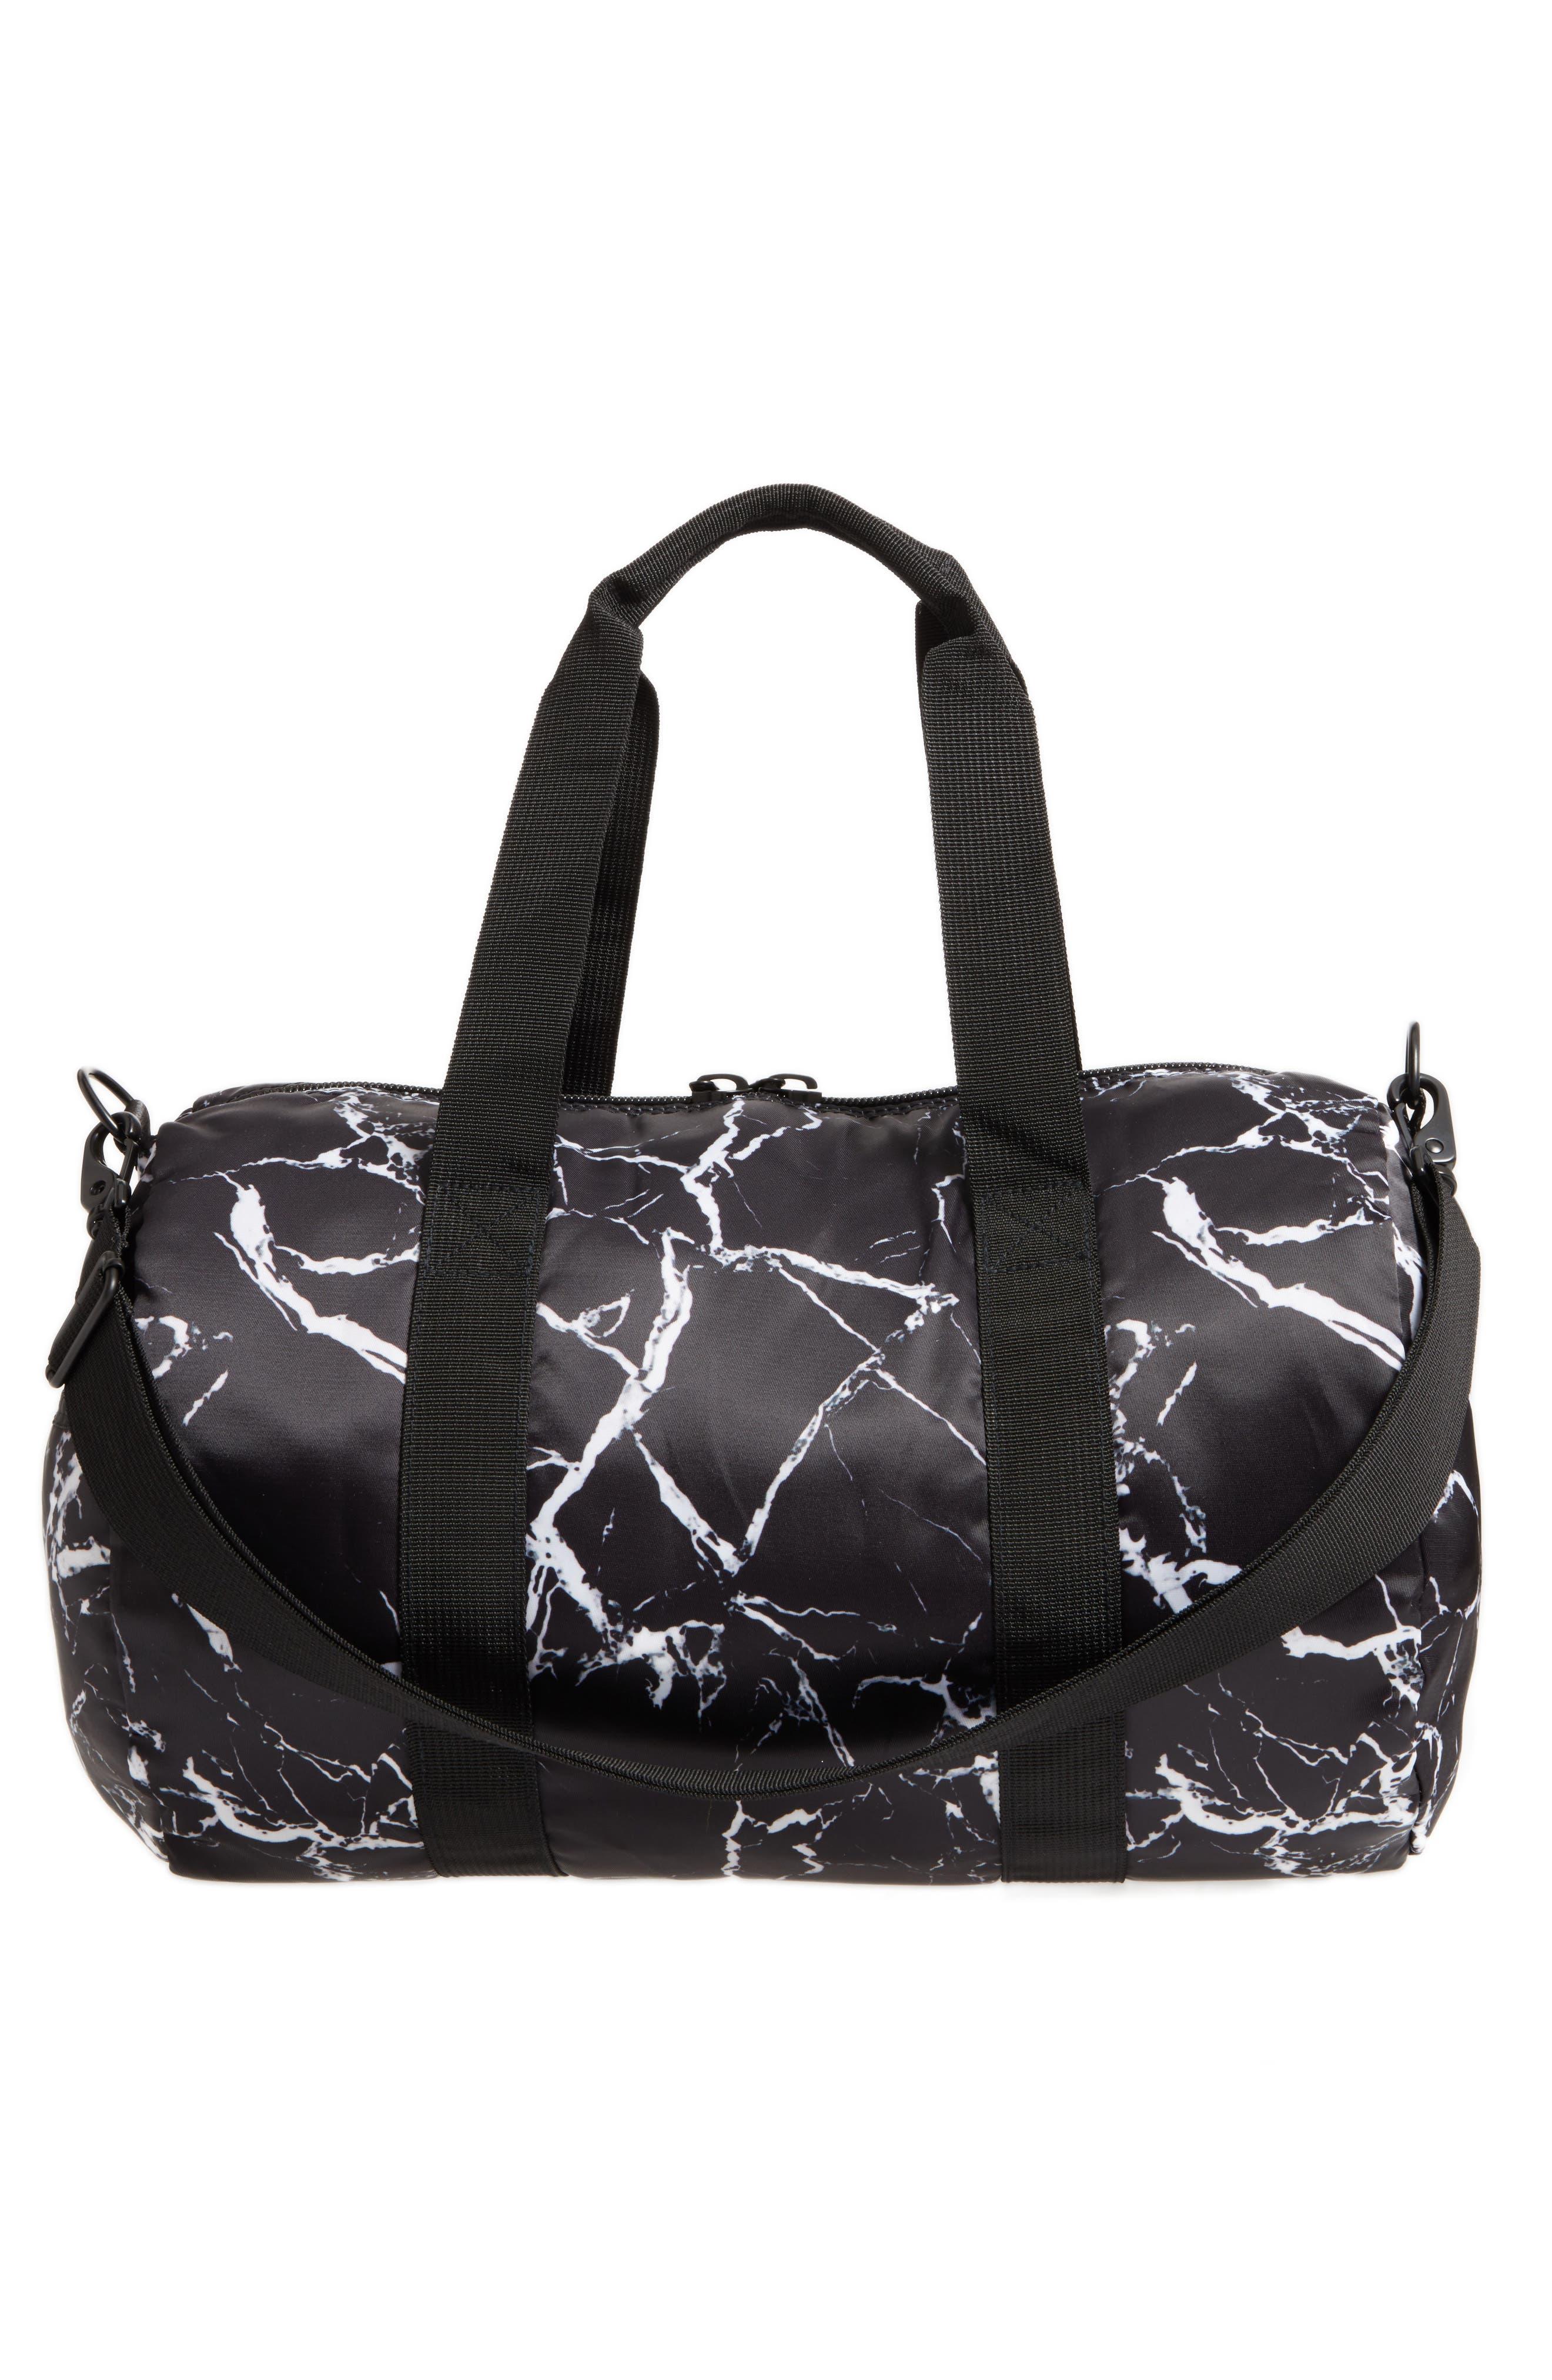 Roadie Small Duffel Bag,                             Alternate thumbnail 3, color,                             001